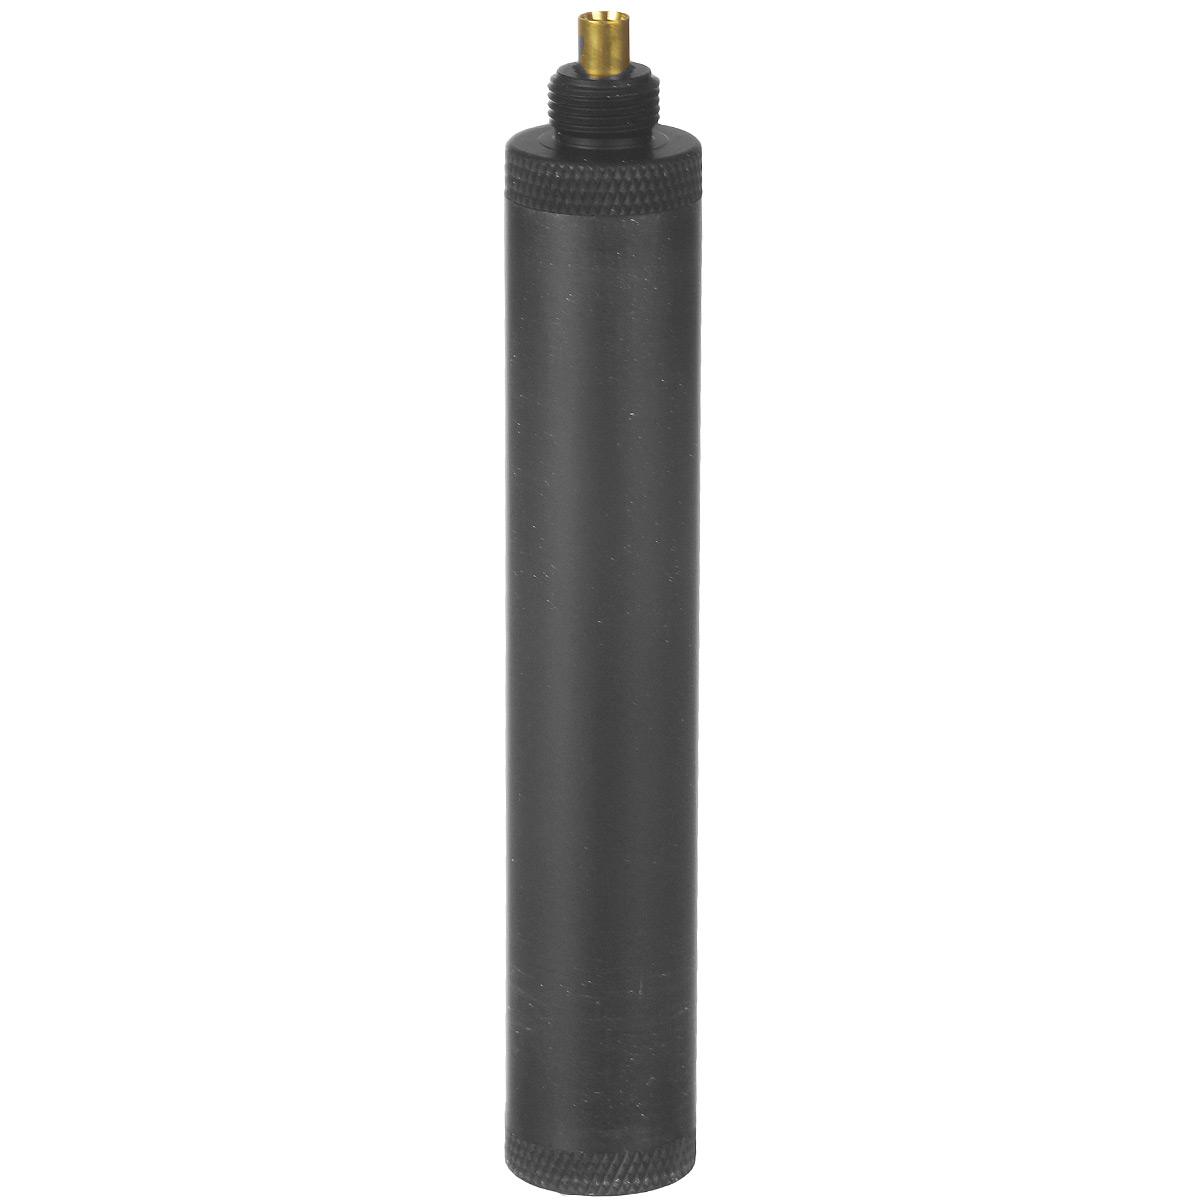 ASG имитация глушителя-удлинитель ствола CZ75D, CZ 75 P-07, STI (17644) strike systems поясная для m92 g17 18 sti cz steyr